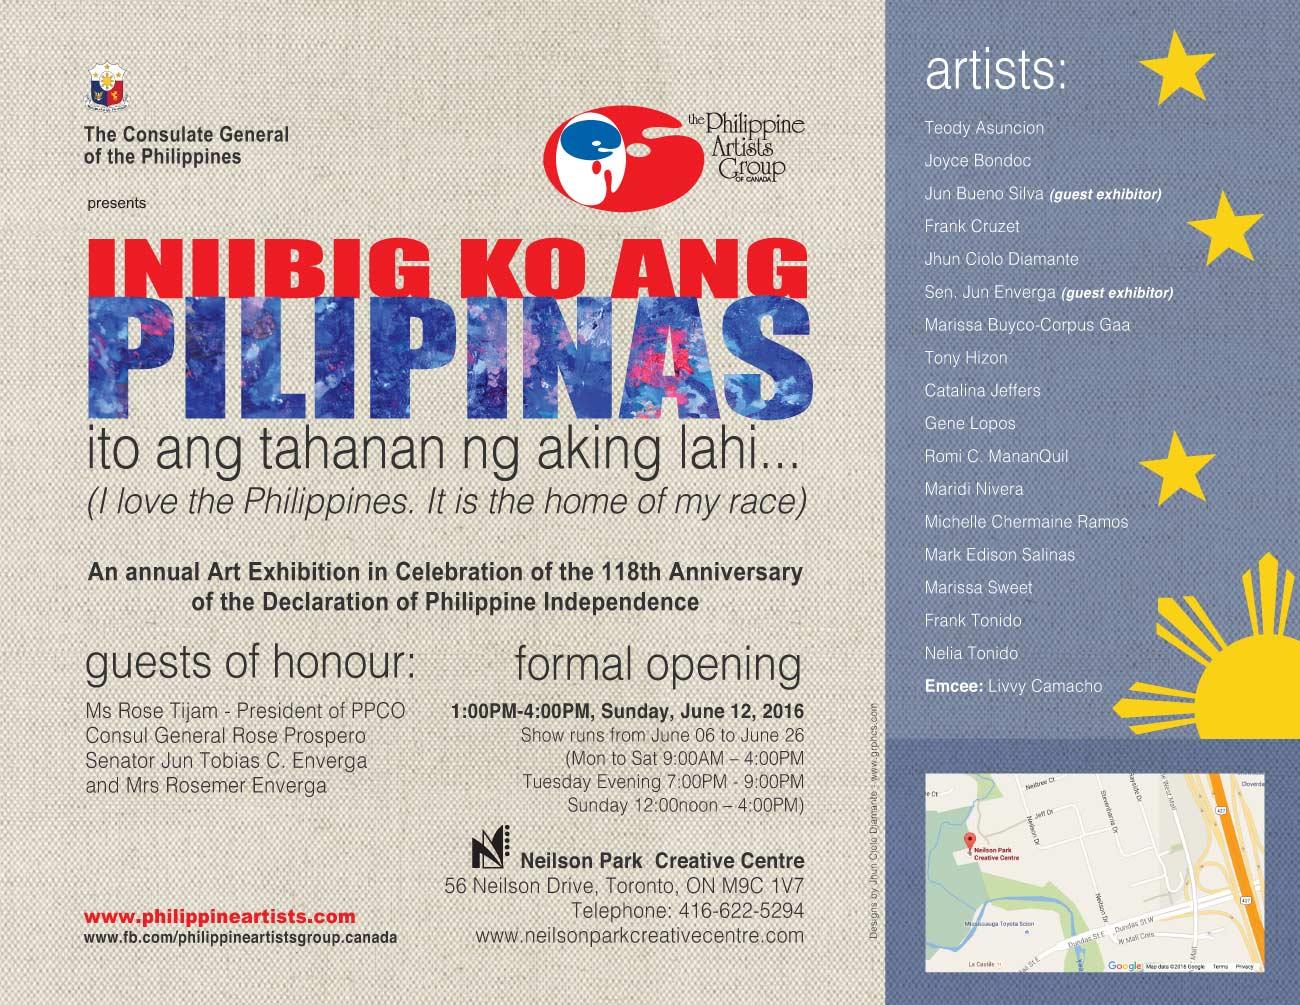 INIIBIG KO ANG PILIPINAS, ito ang tahanan ng aking lahi...(I love the Philippines. It is the home of my race)